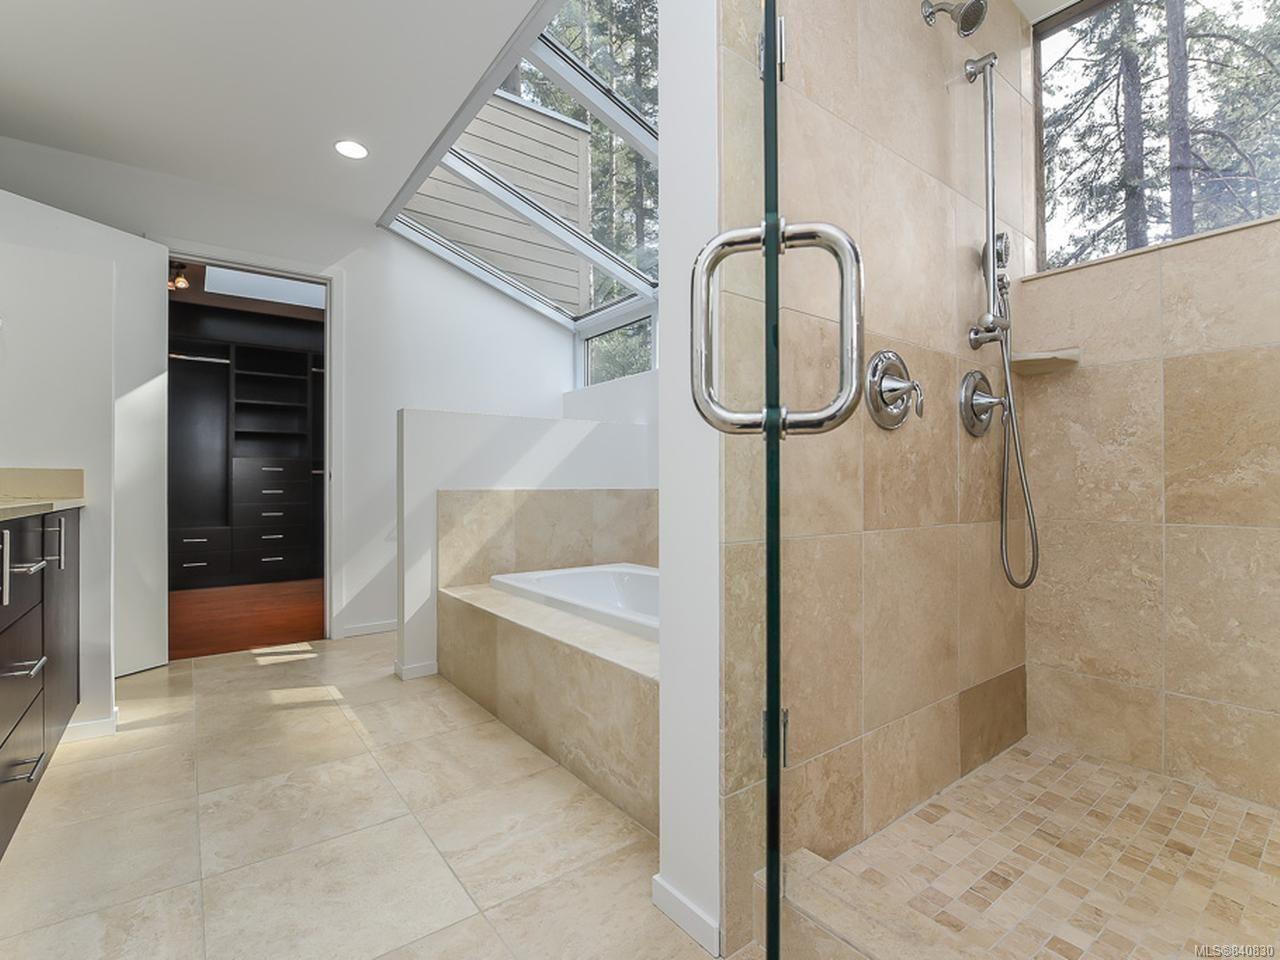 Photo 19: Photos: 1156 Moore Rd in COMOX: CV Comox Peninsula House for sale (Comox Valley)  : MLS®# 840830